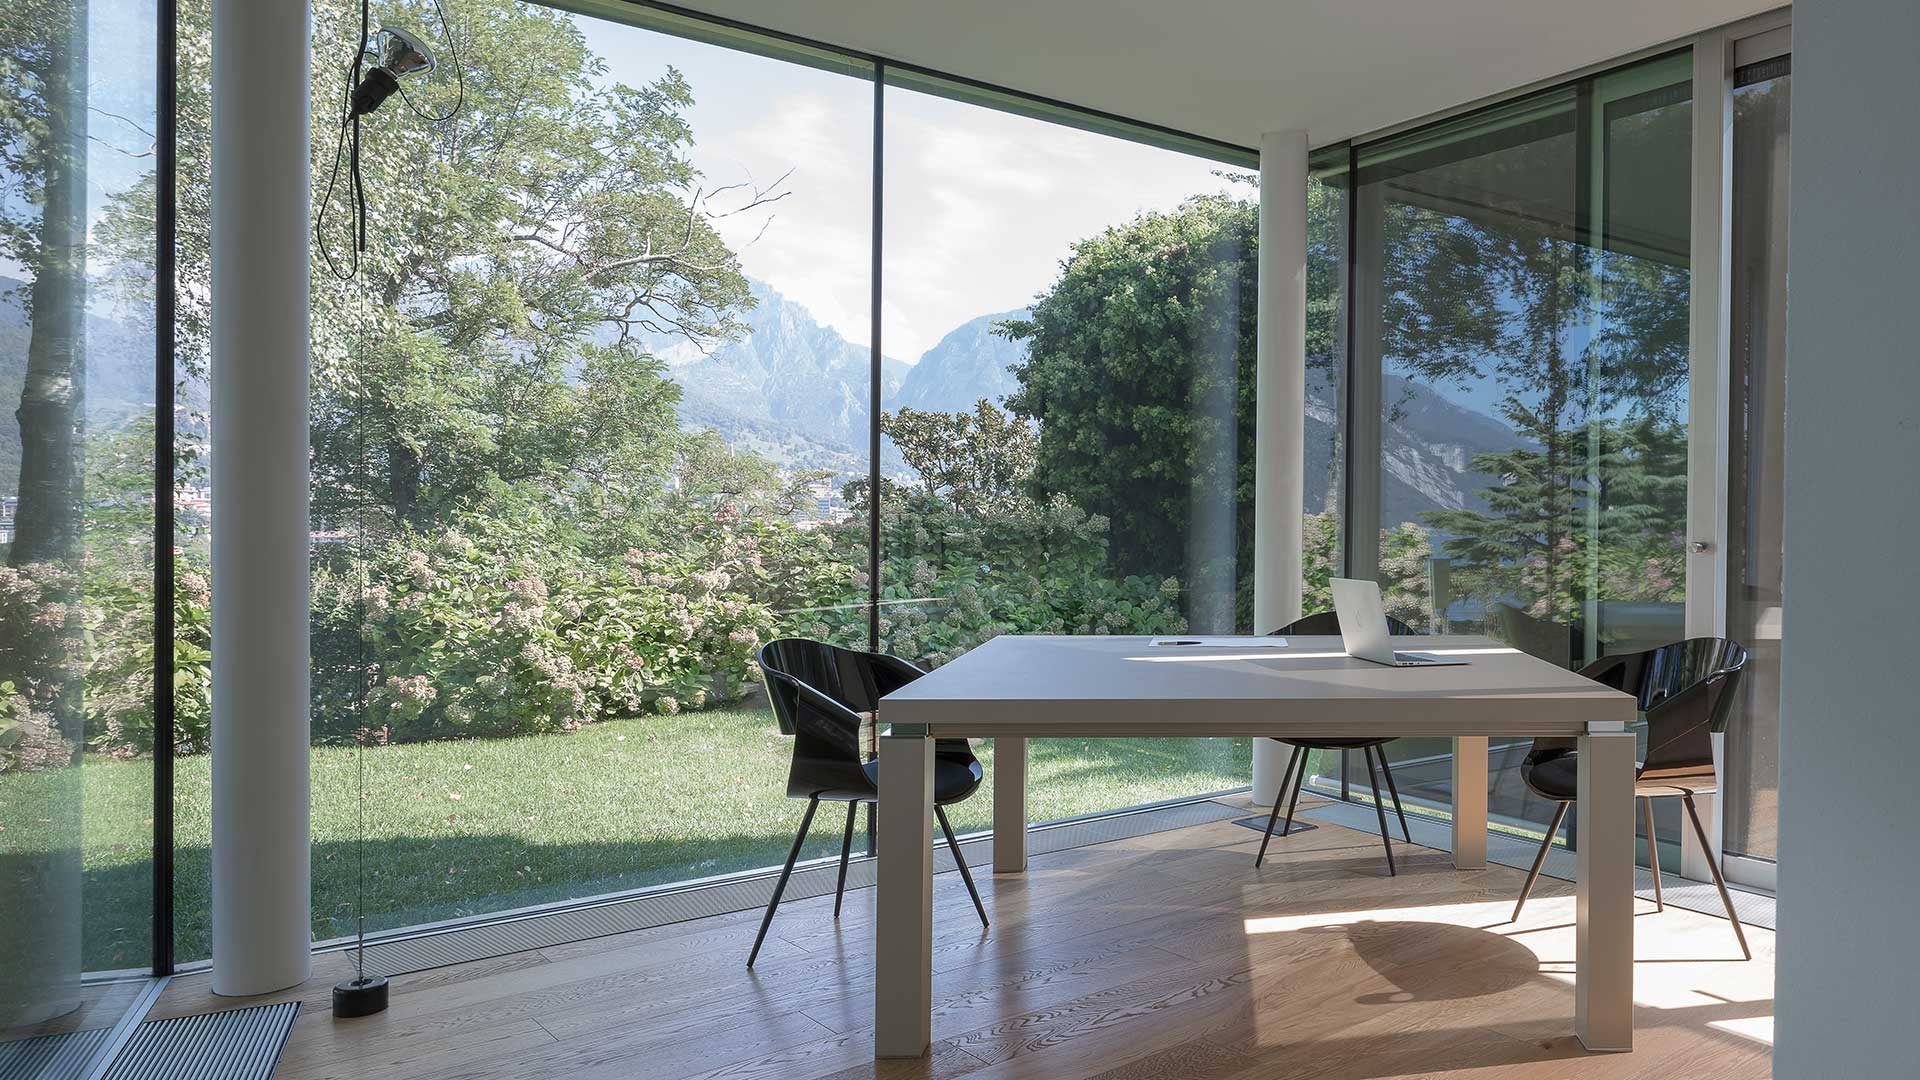 Tavoli-riunione-XL02-Level-Office-Landscape